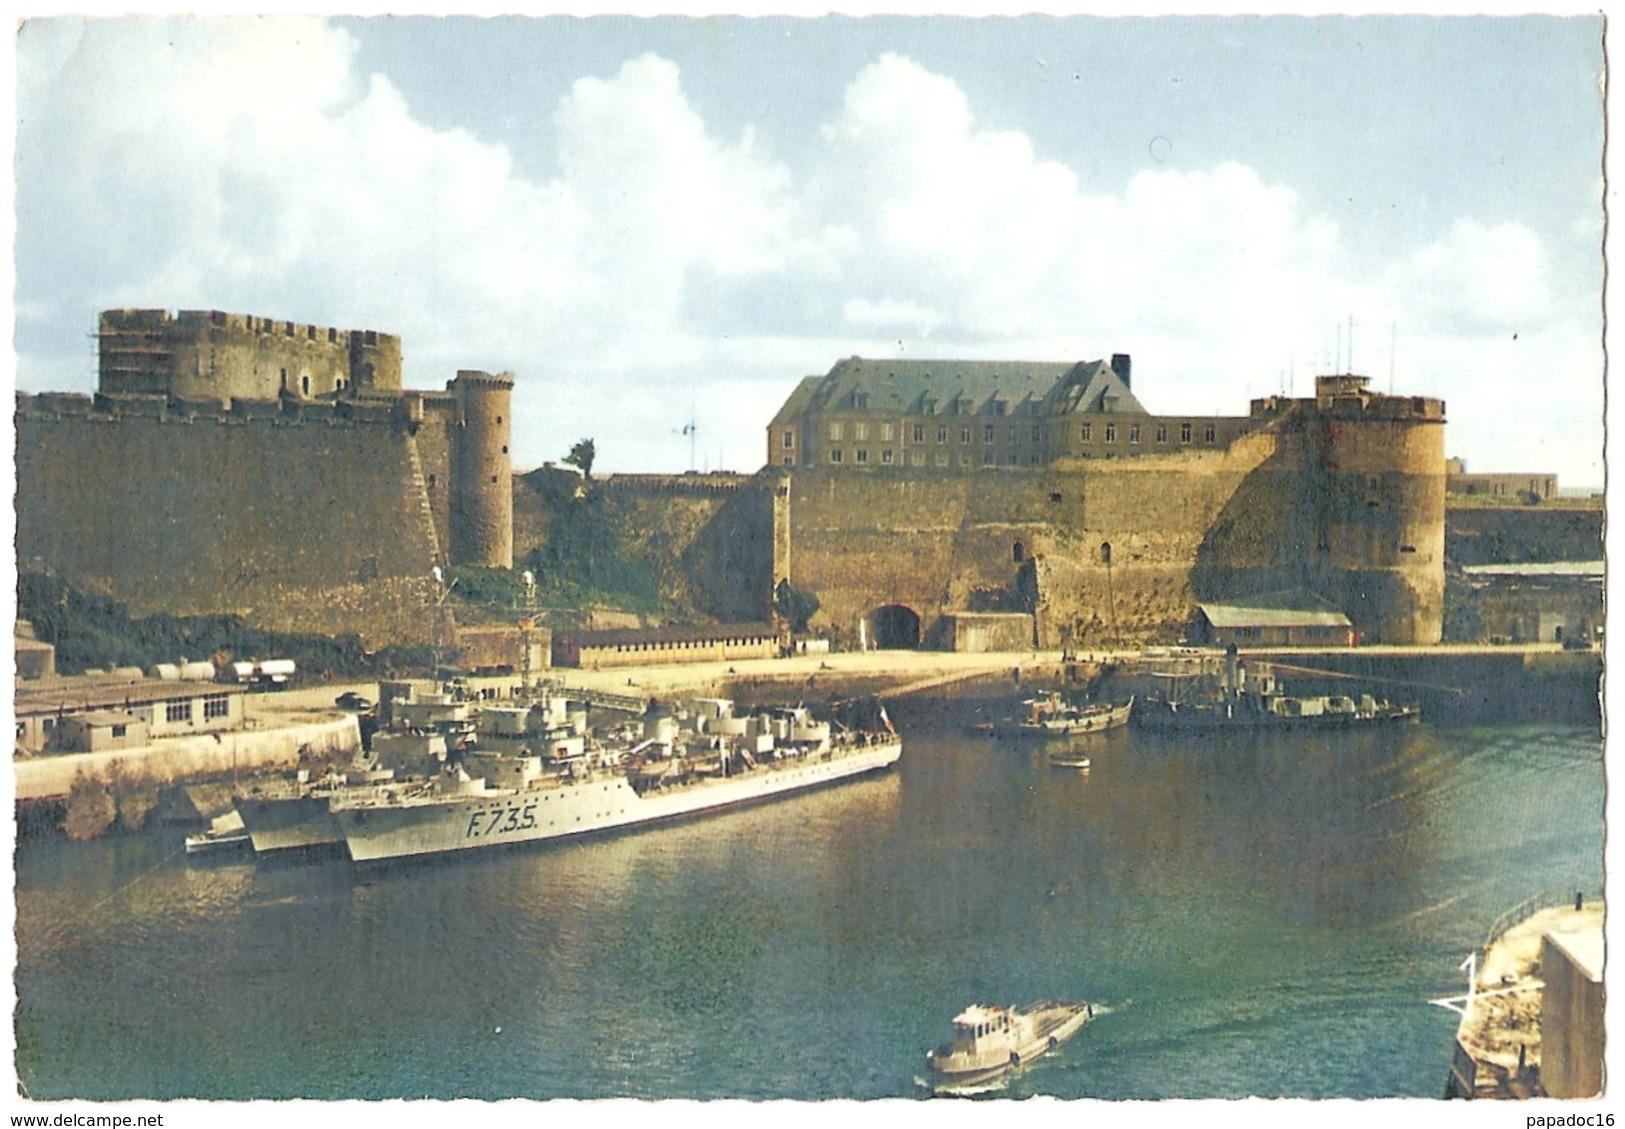 """29 - Brest - Le Vieux Château Du XVe Siècle Dont Les Remparts Dominent... - éd. Jos """"La Bretagne En Couleurs"""" N° MX 3025 - Brest"""